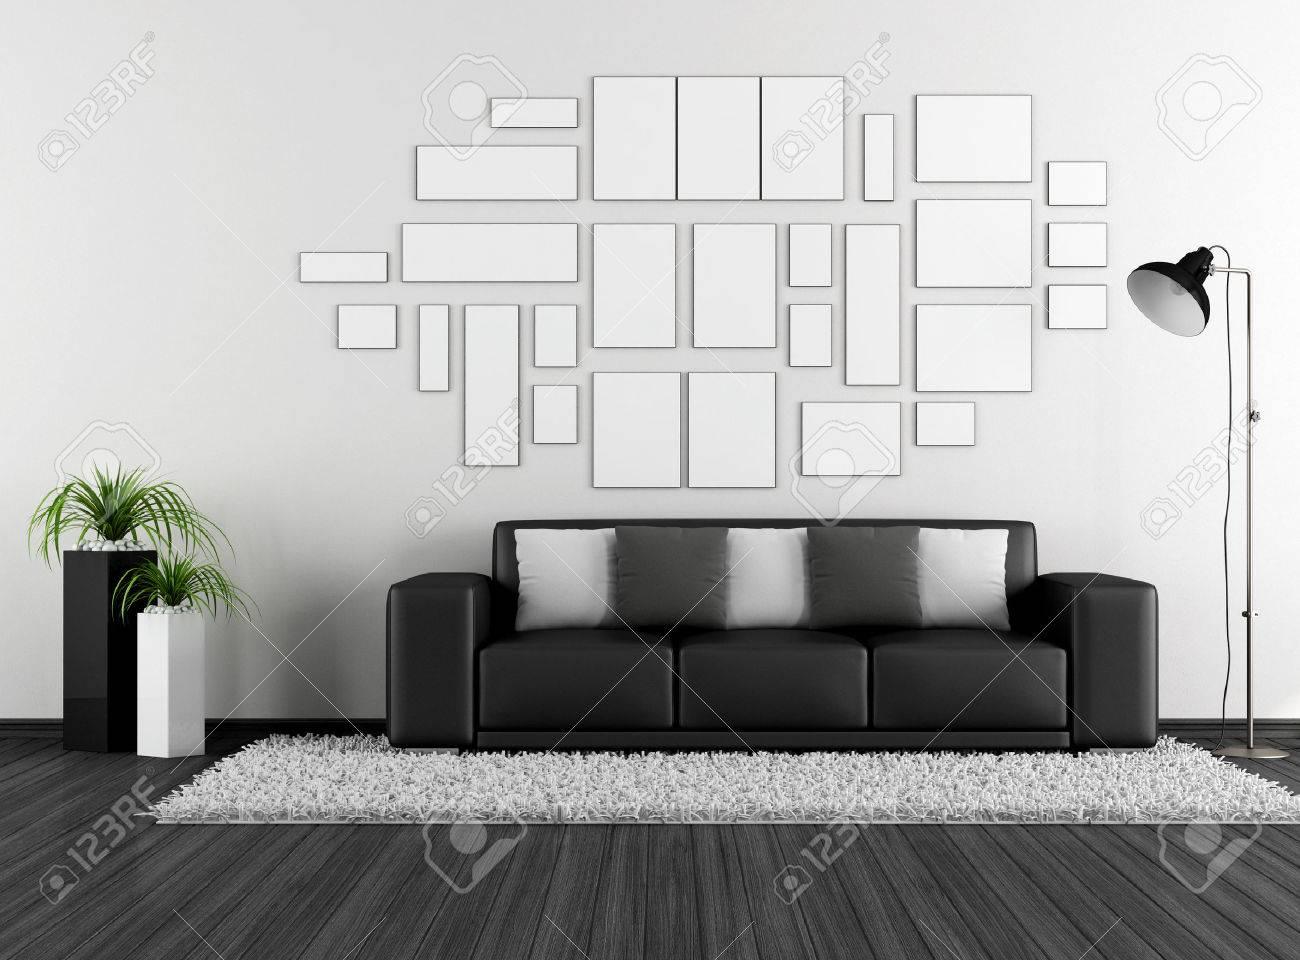 Schwarz-Weiß-Wohnzimmer Lizenzfreie Fotos, Bilder Und Stock ...